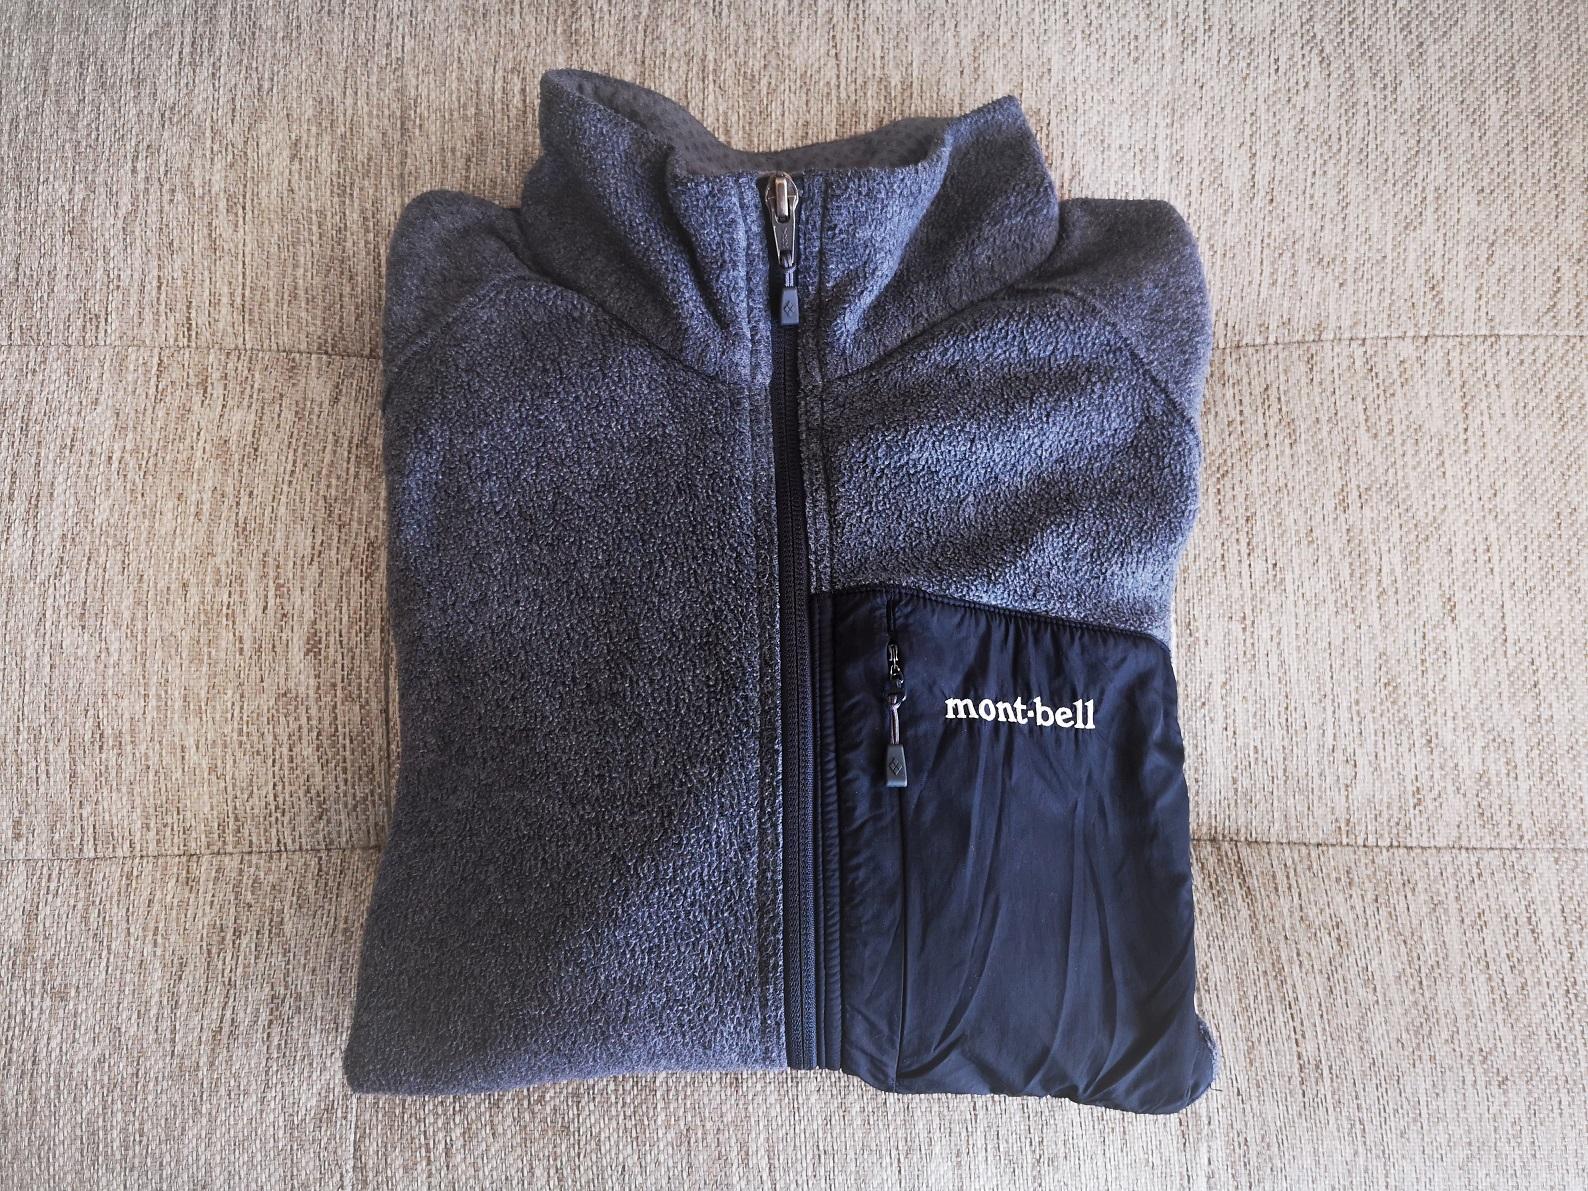 モンベルのクリマプラス100ジャケット